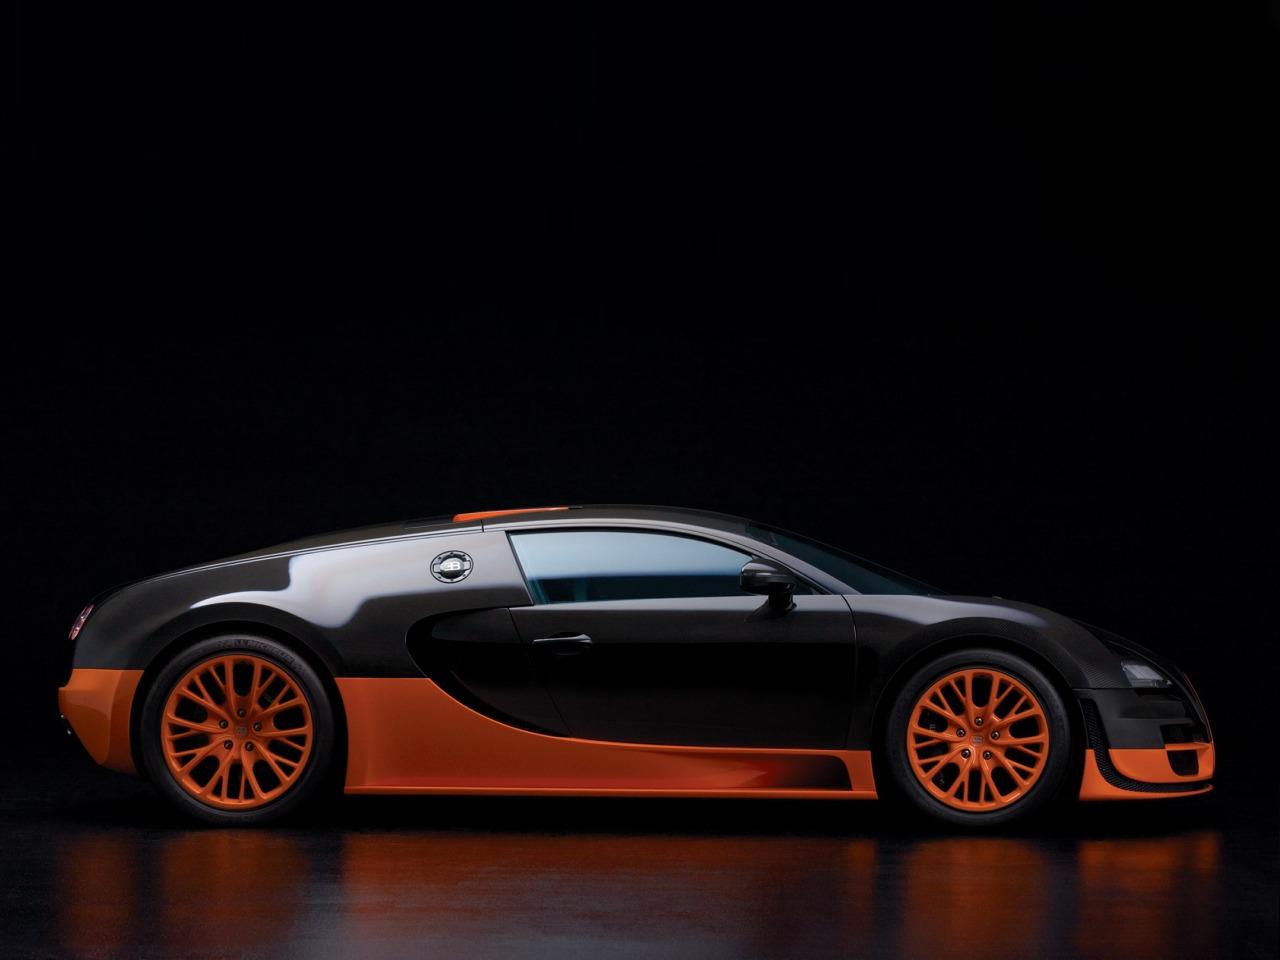 2010 bugatti veyron super sport motor desktop. Black Bedroom Furniture Sets. Home Design Ideas